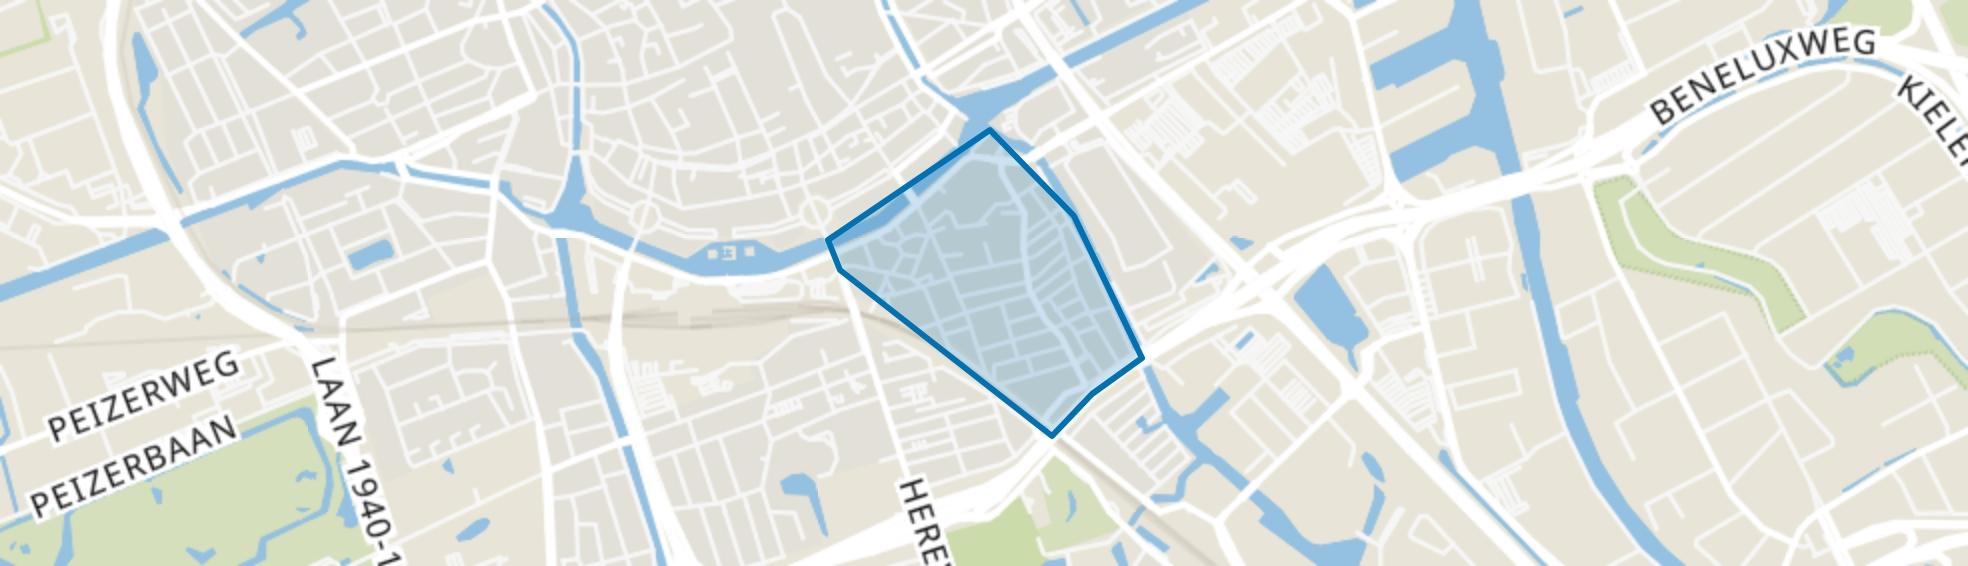 Oosterpoort, Groningen map